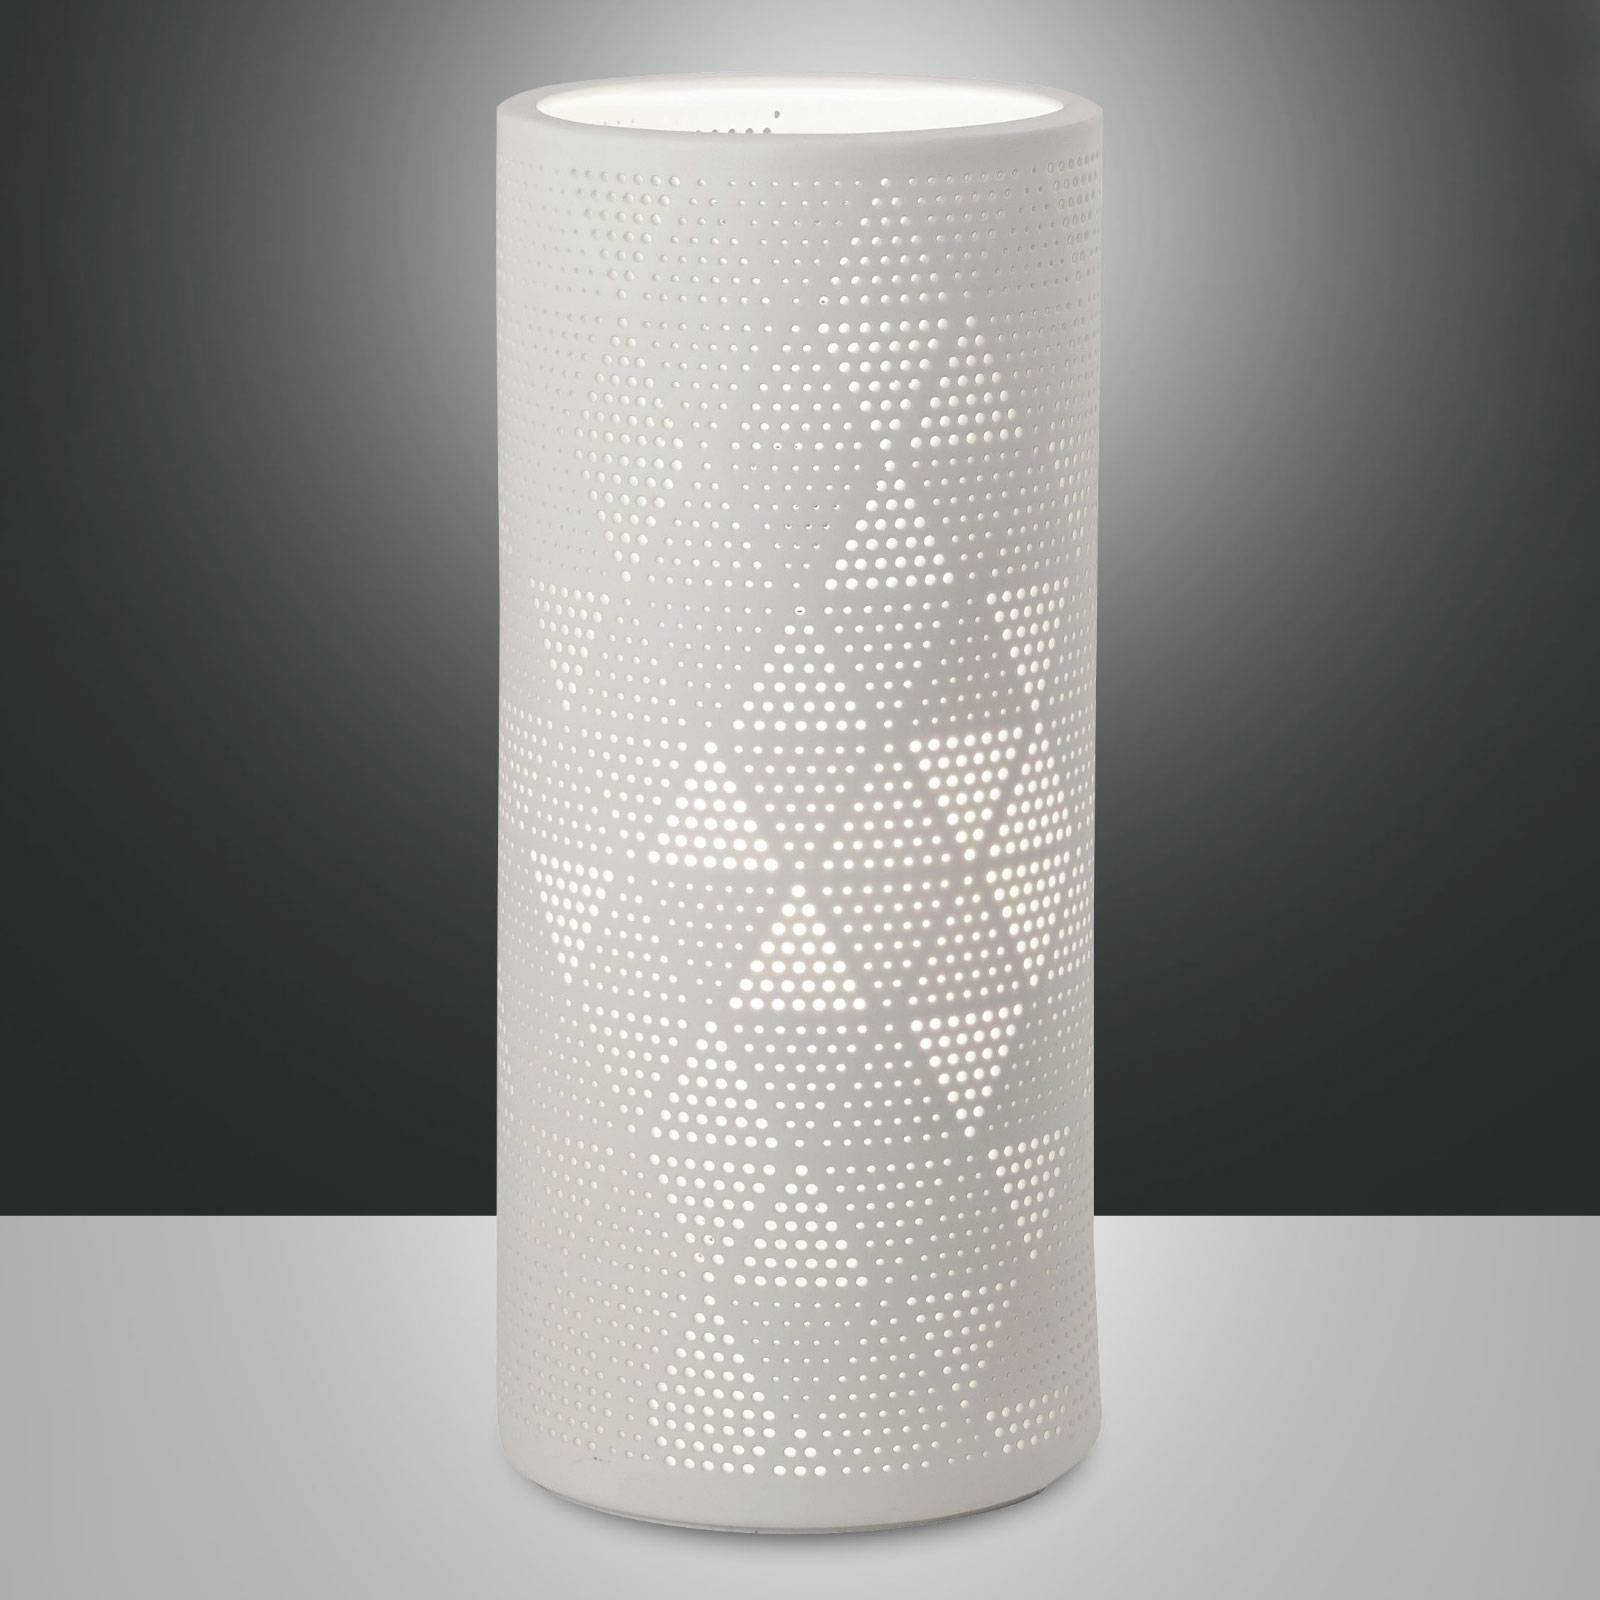 Bordlampe Micol av keramikk, høyde 28,5 cm